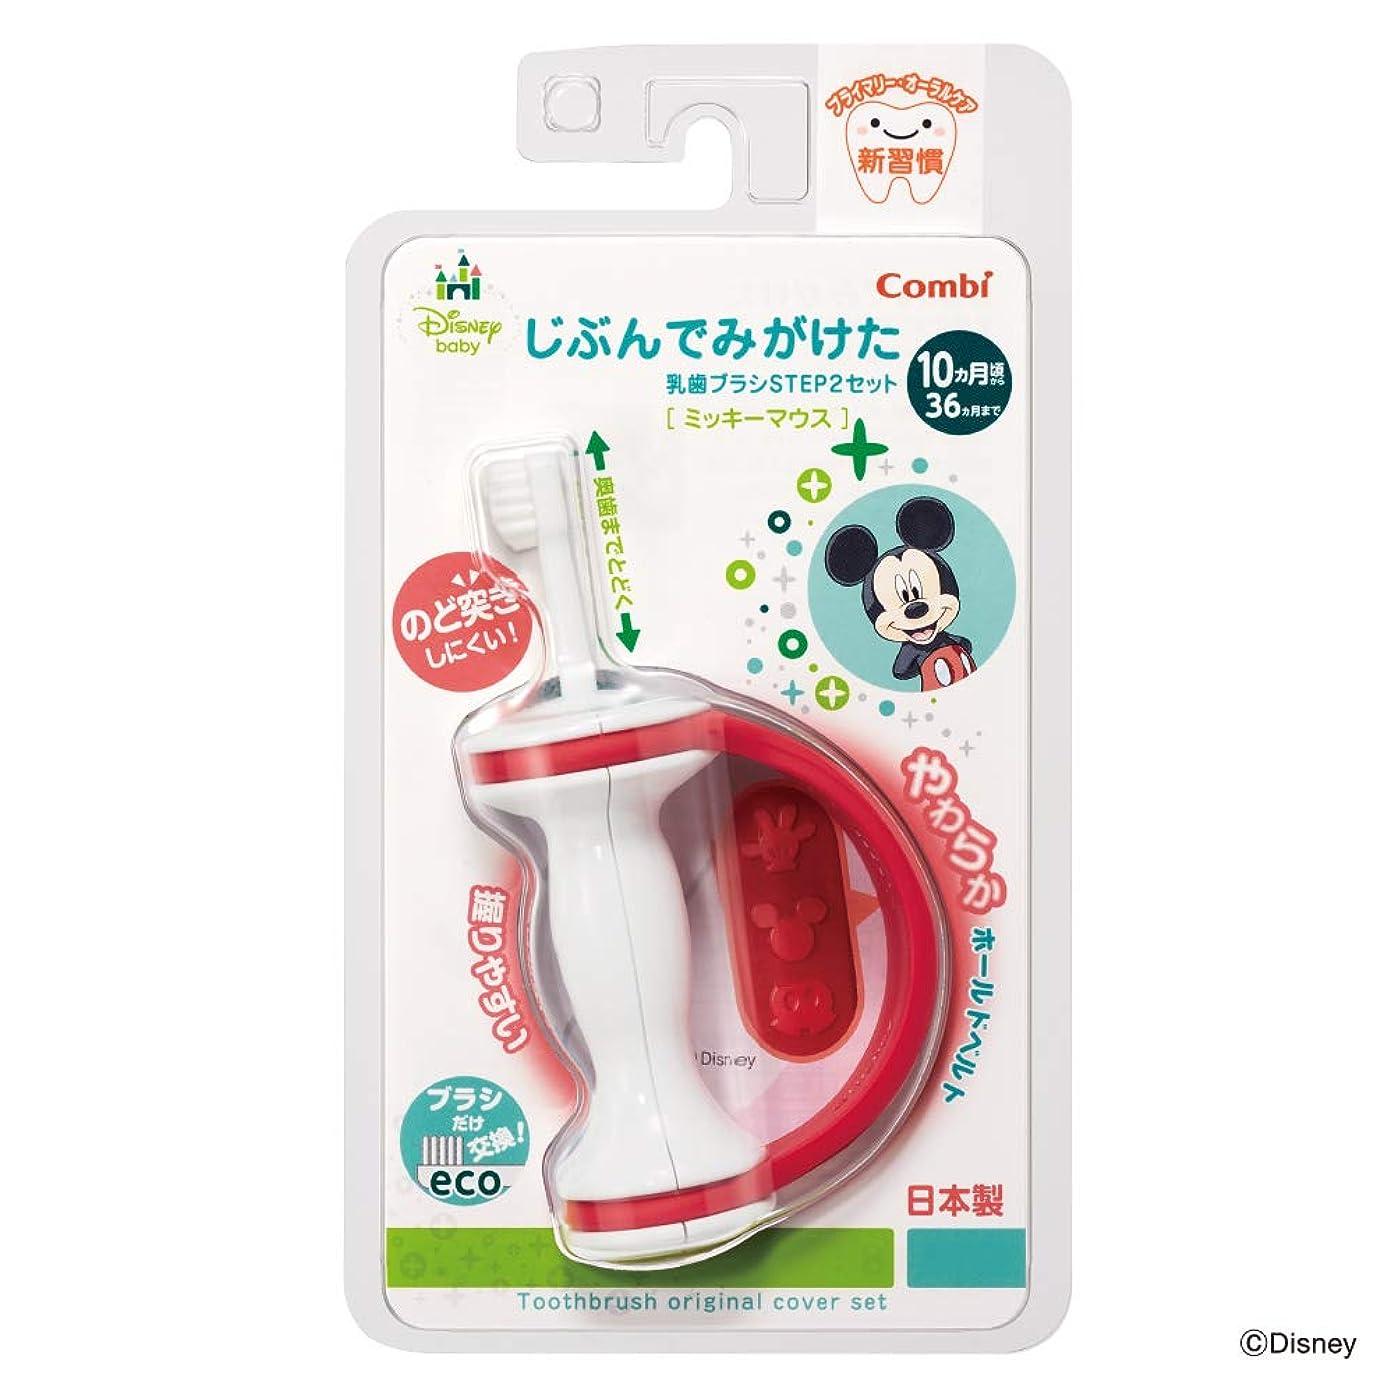 ストライプトレーダー適応するコンビ テテオ じぶんでみがけた乳歯ブラシ STEP2セットミッキーマウス